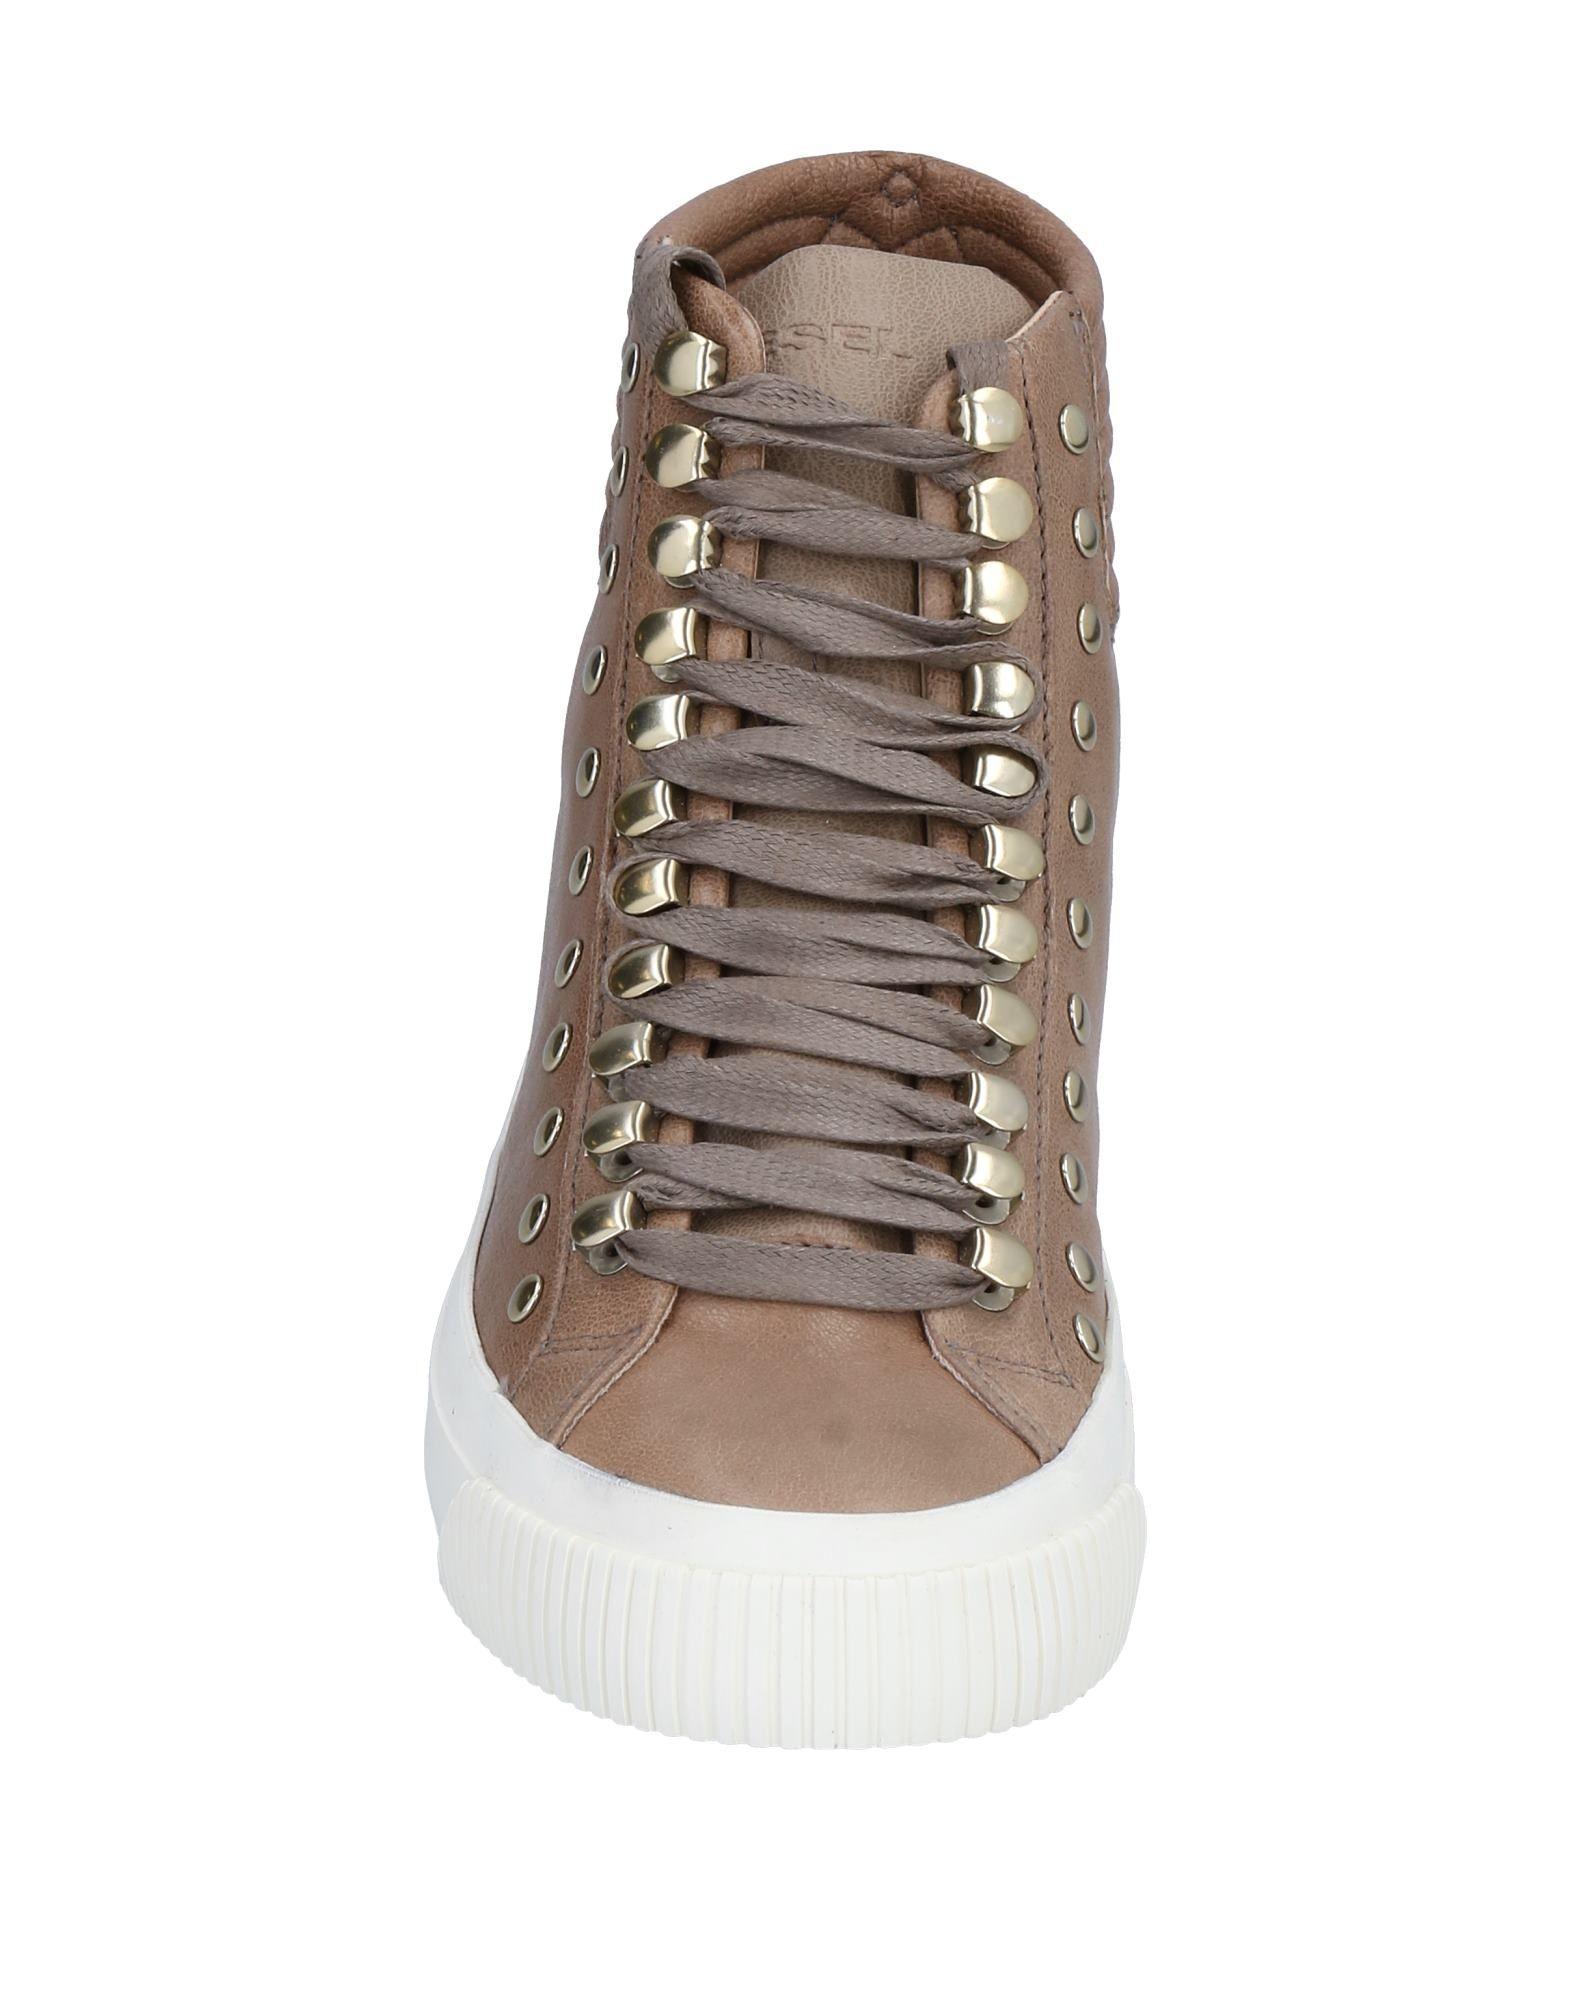 Diesel Diesel Diesel Sneakers Damen  11535446IE Gute Qualität beliebte Schuhe 45ee6a